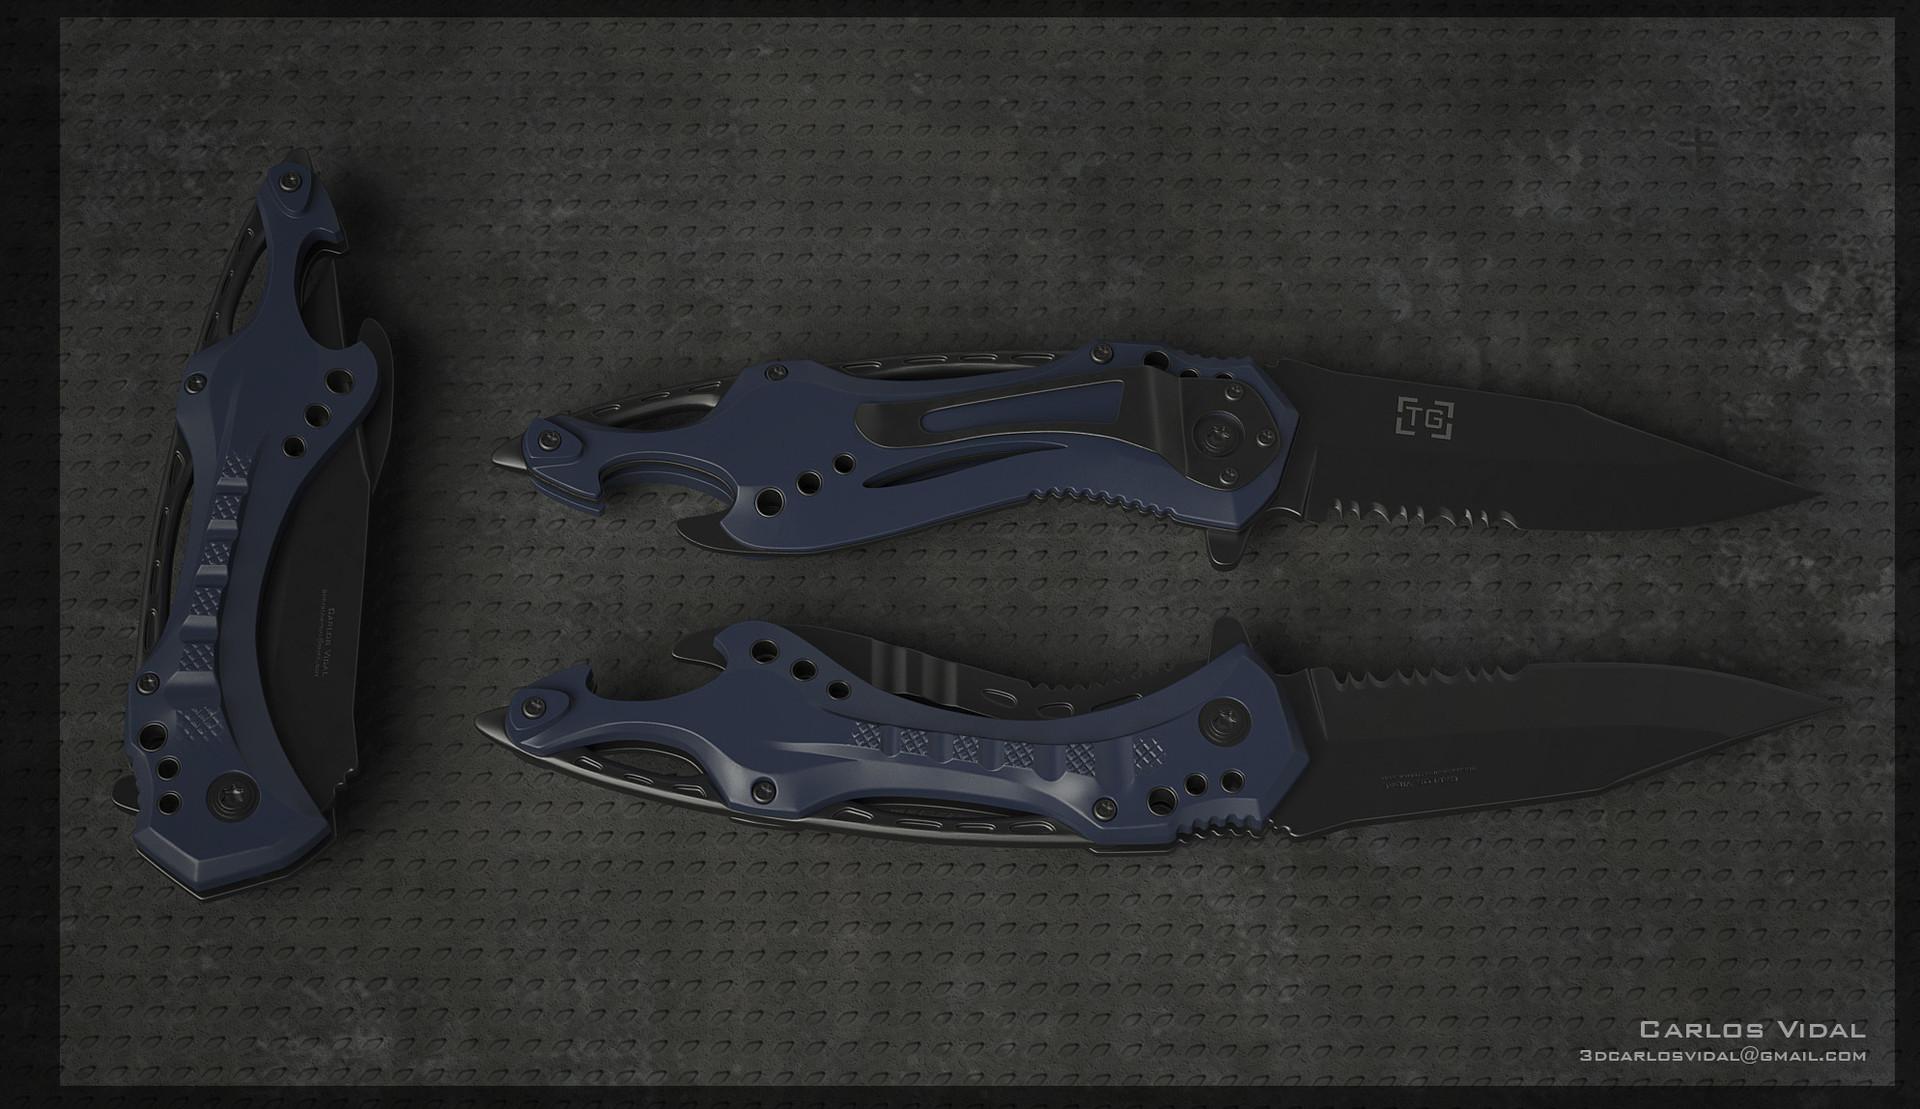 Carlos vidal carlosvidaltgraptorknife 01